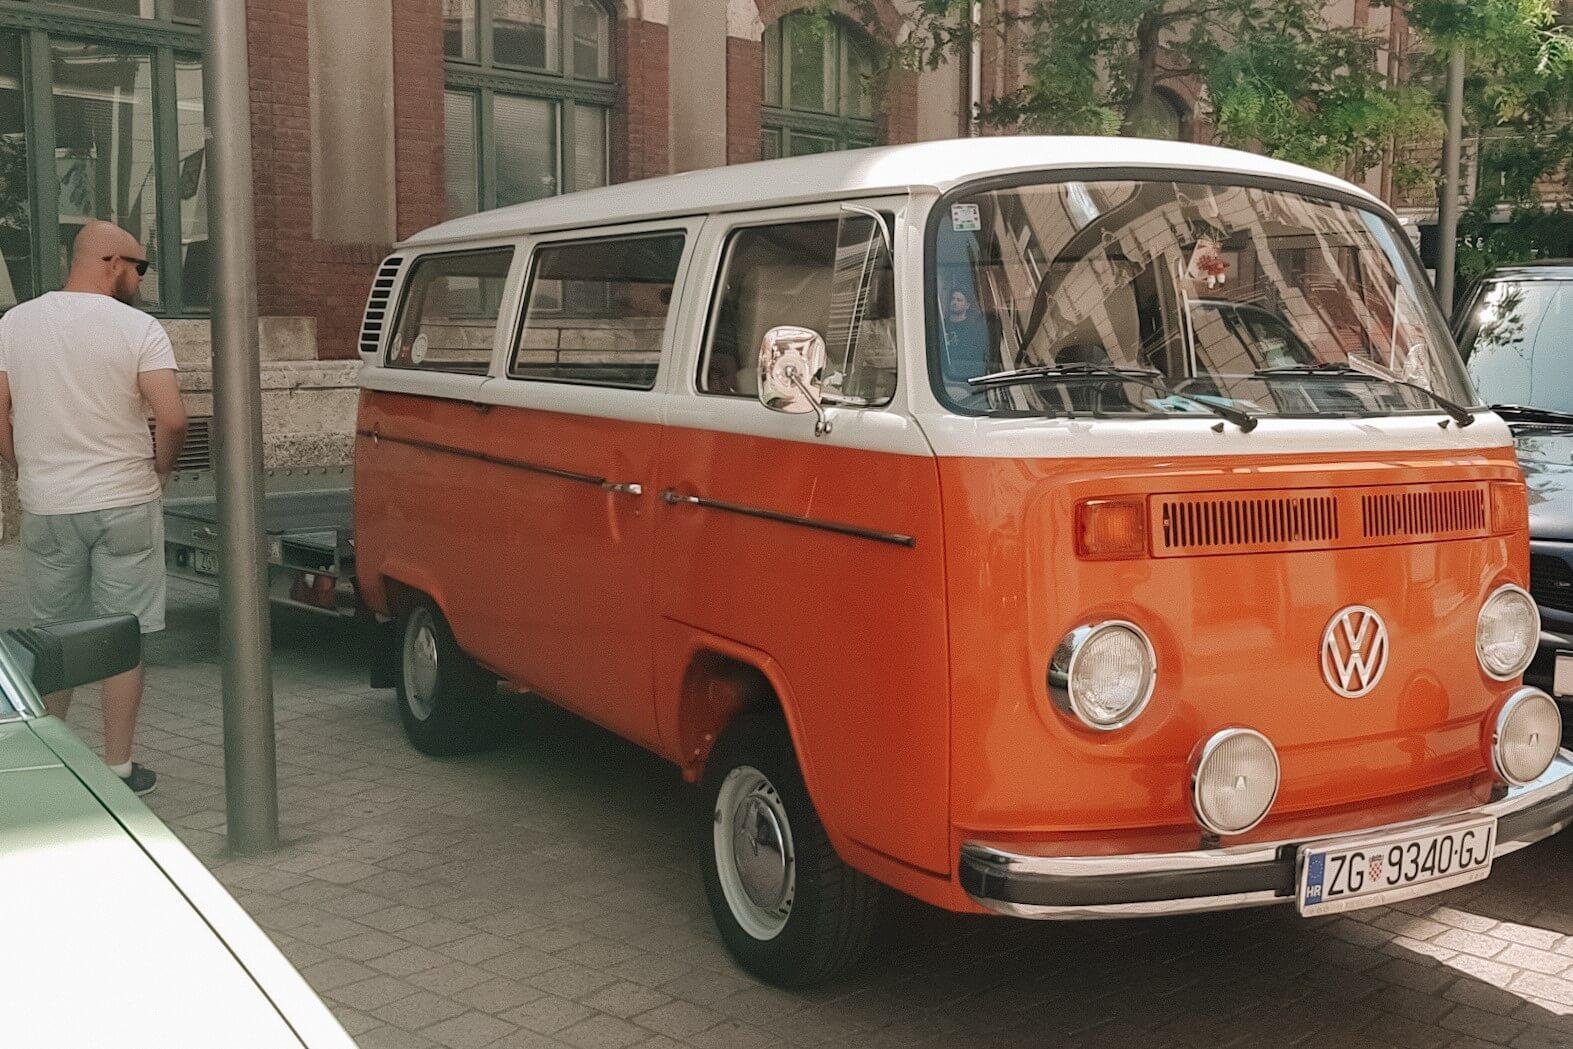 Mężsczyzna oglądający zabytkowy pomarańczowy samochód, VW Transporter T2